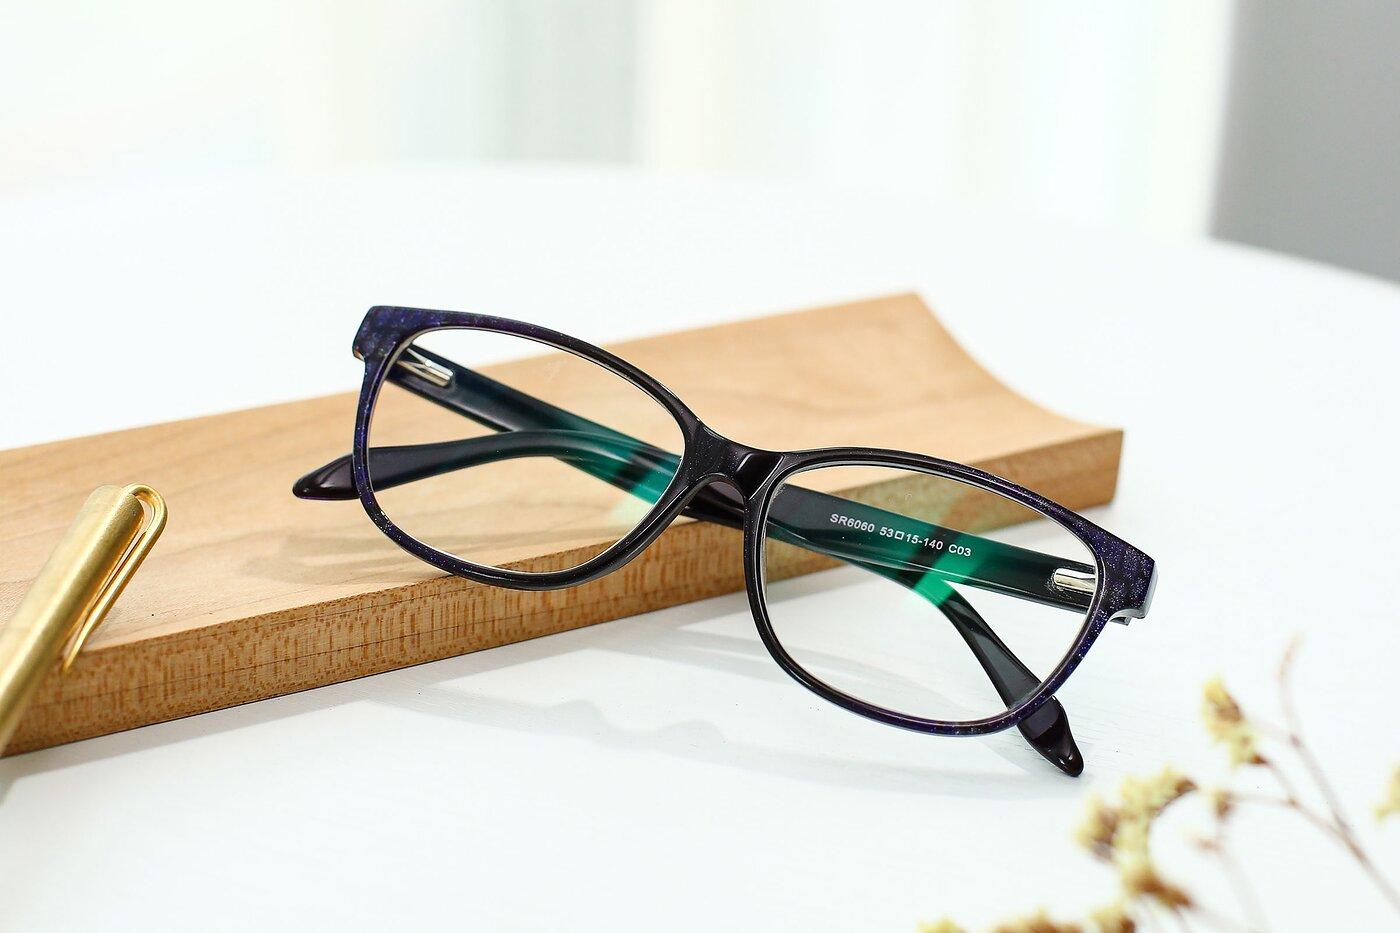 Floral-Violet Wayfarer Hipster Full-Rim Eyeglasses